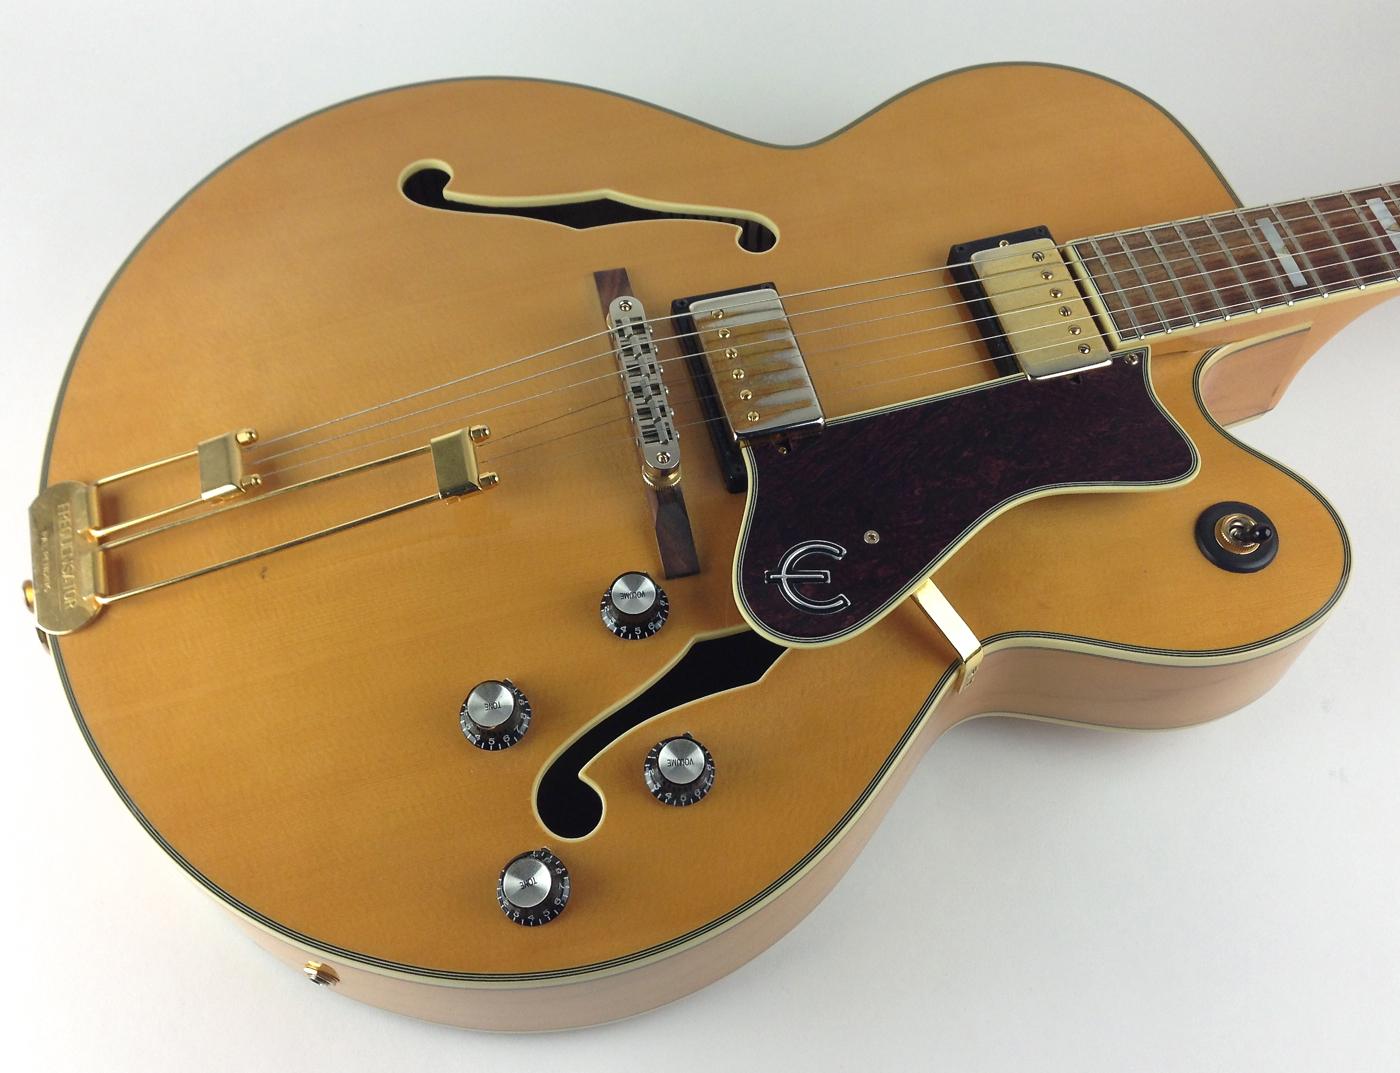 epiphone broadway 2002 natural guitar for sale thunder road guitars. Black Bedroom Furniture Sets. Home Design Ideas